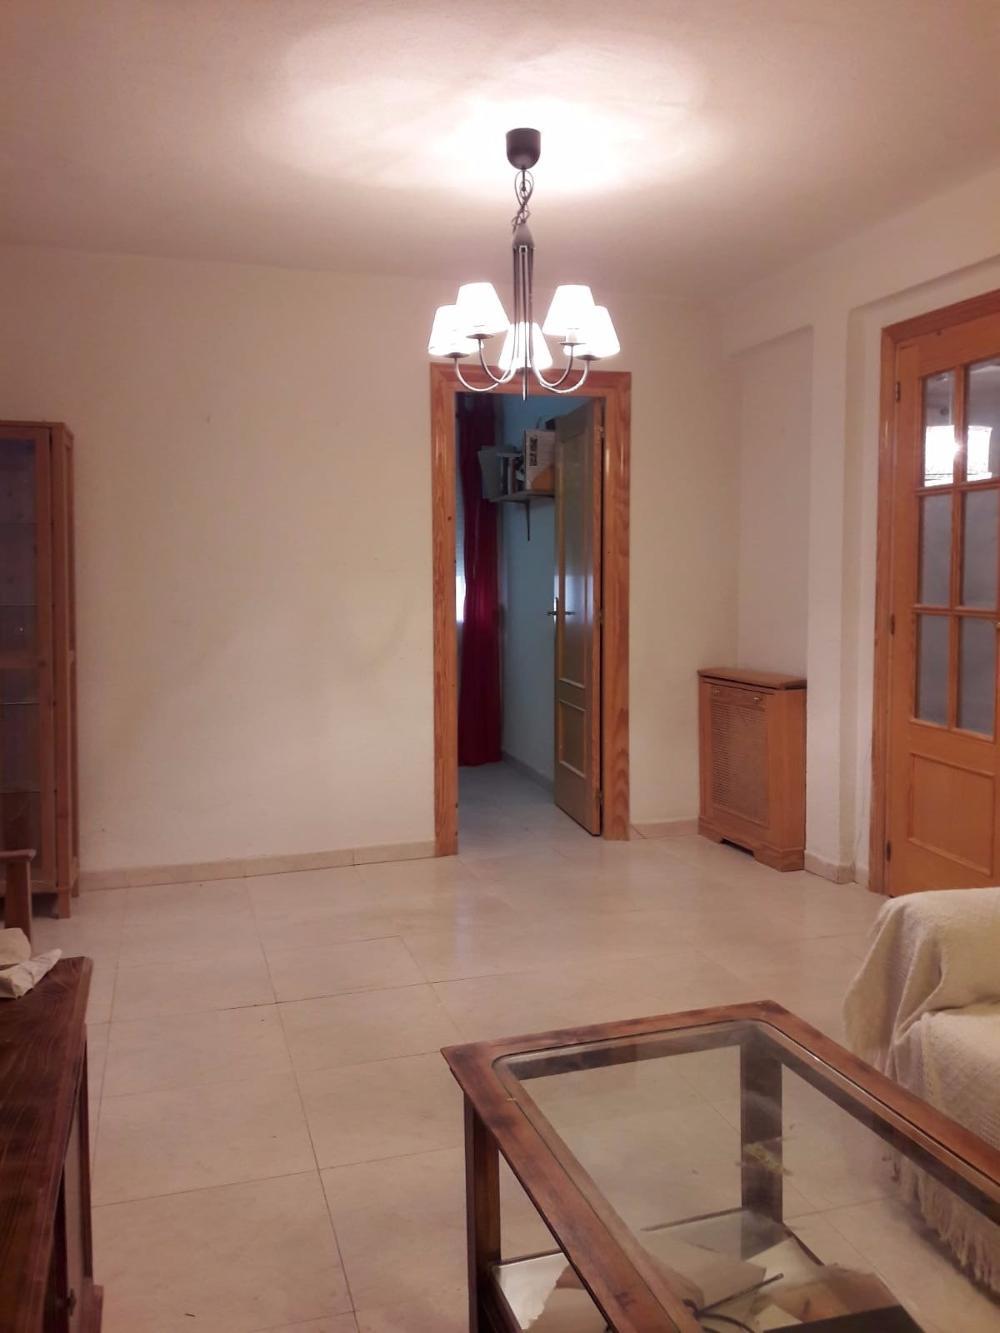 carabanchel-vista alegre madrid planta baja foto 3801435